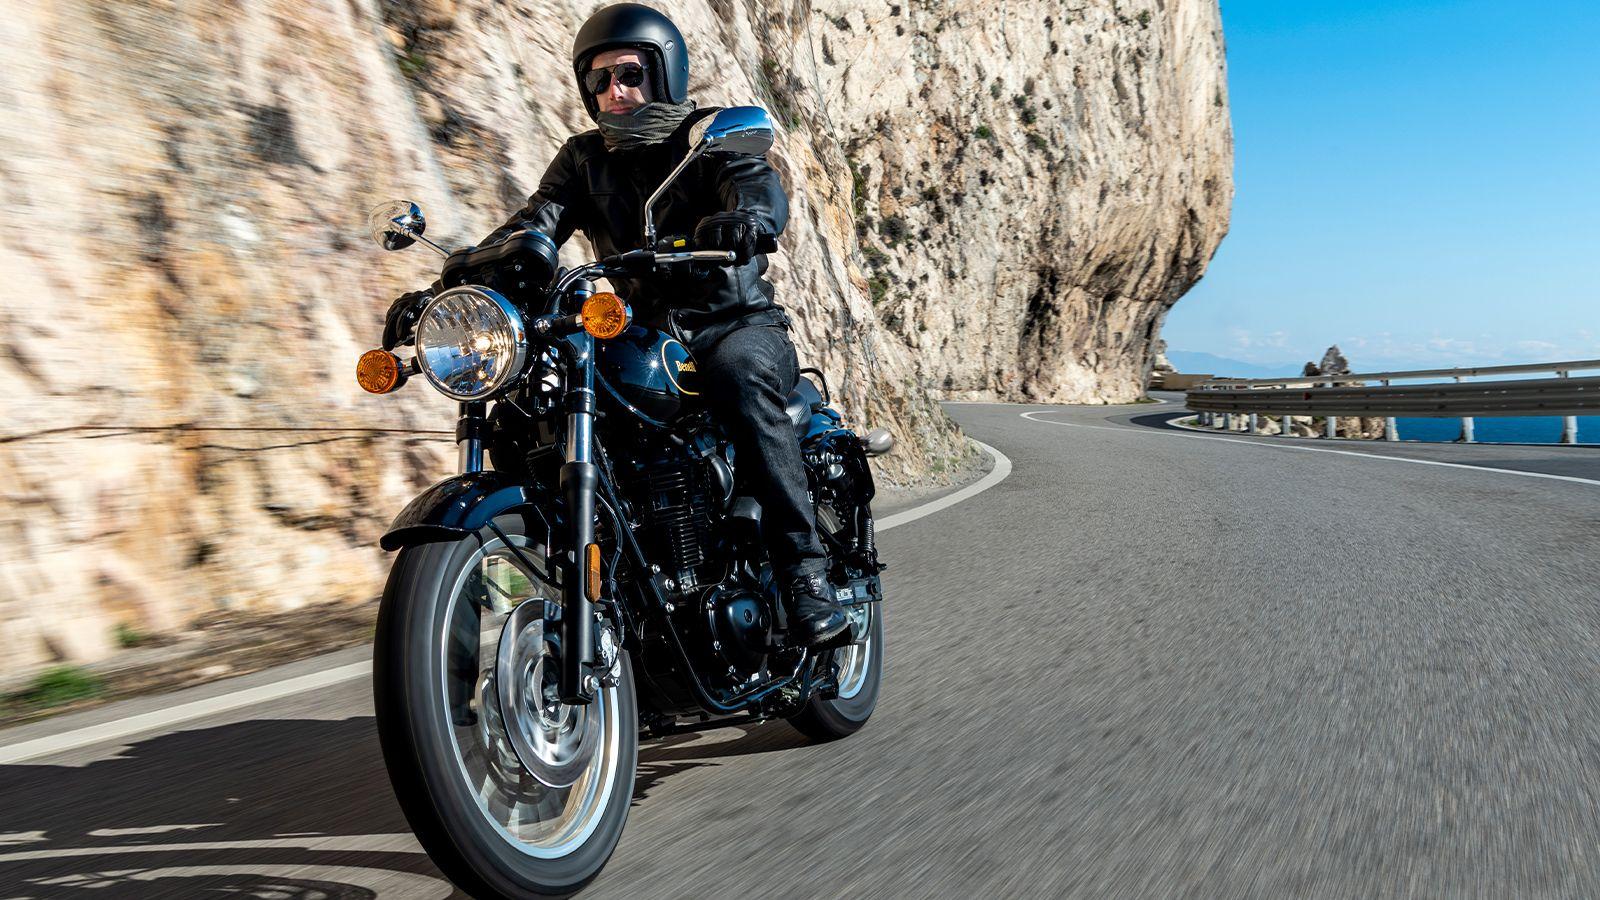 jak przygotować się do sezonu motocyklowego motor-land benelli keeway kymco niu marin